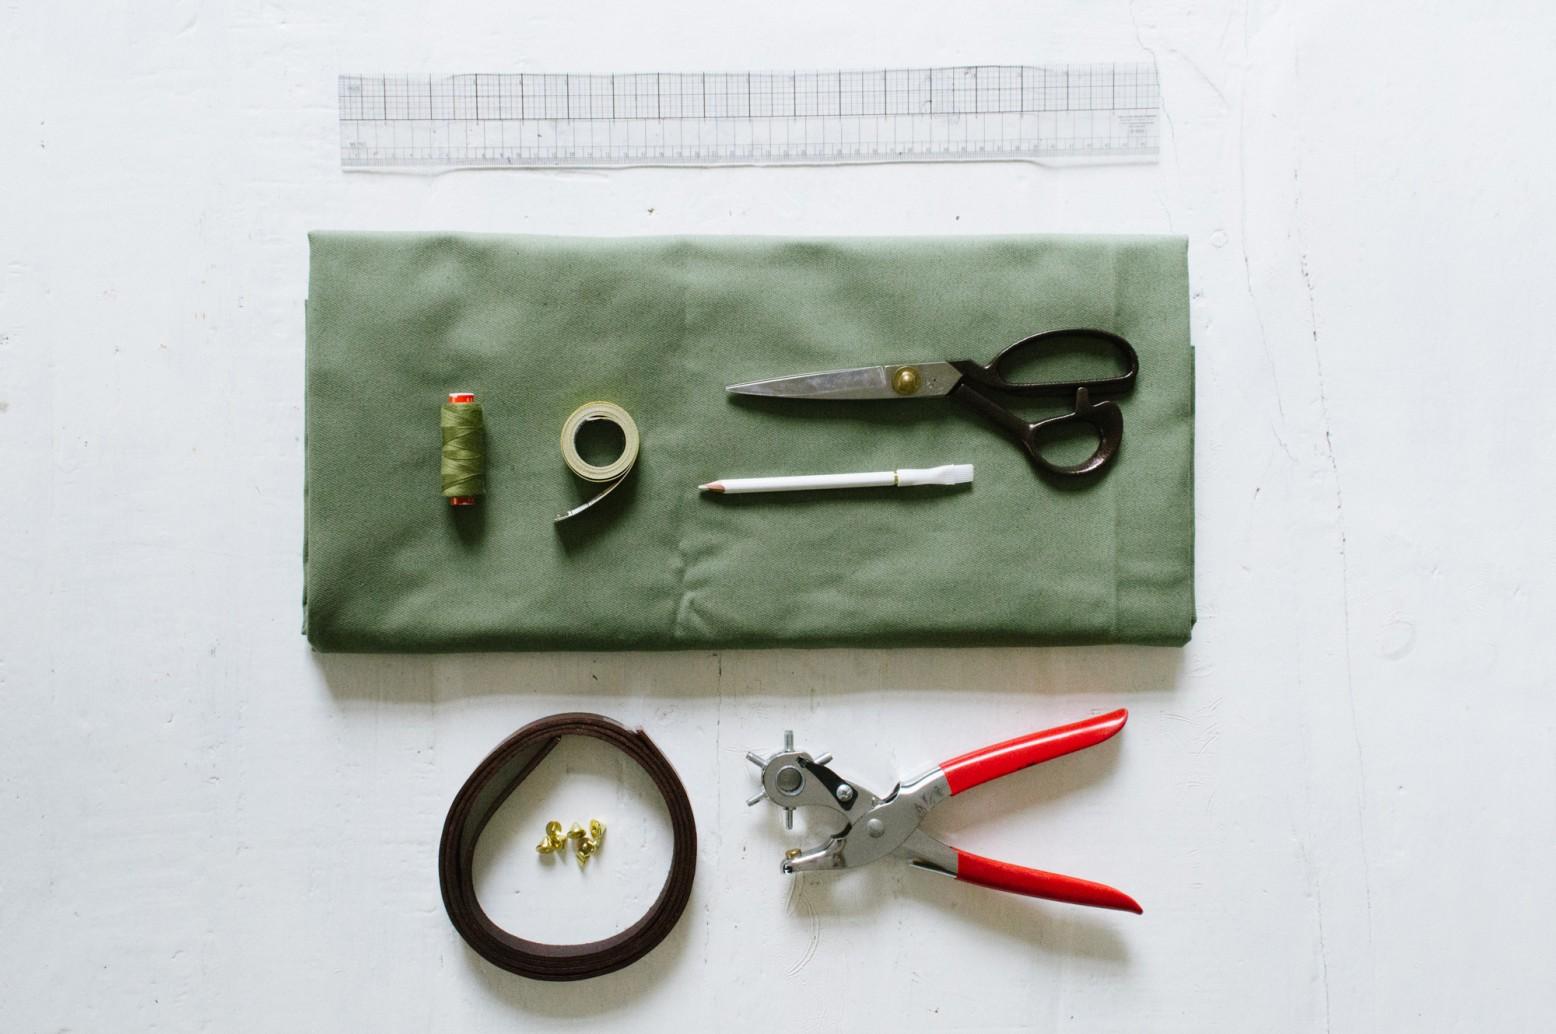 Các vật liệu cần thiết để may túi vải tại nhà